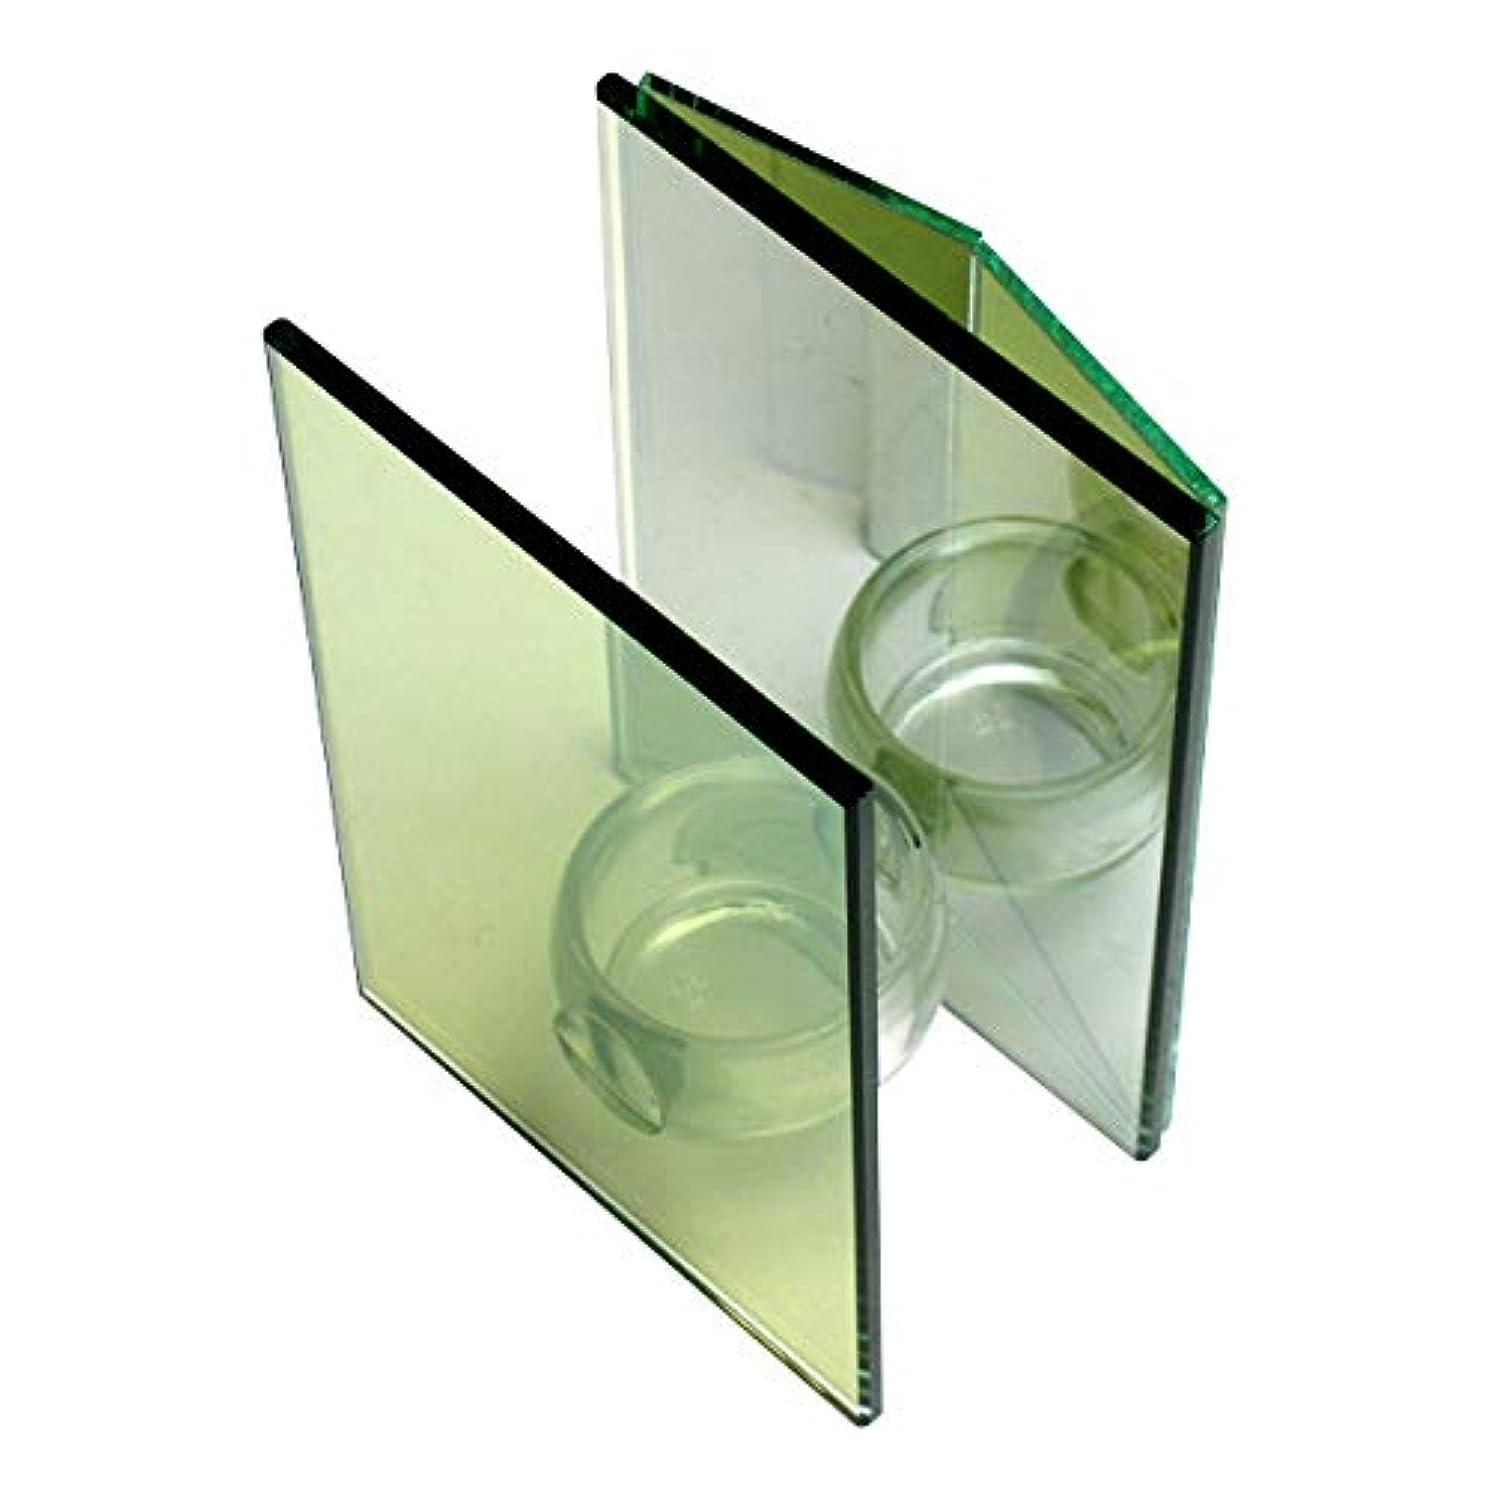 ソフトウェア織機家主無限連鎖キャンドルホルダー ダブルミラー ガラス キャンドルスタンド ランタン 誕生日 ティーライトキャンドル